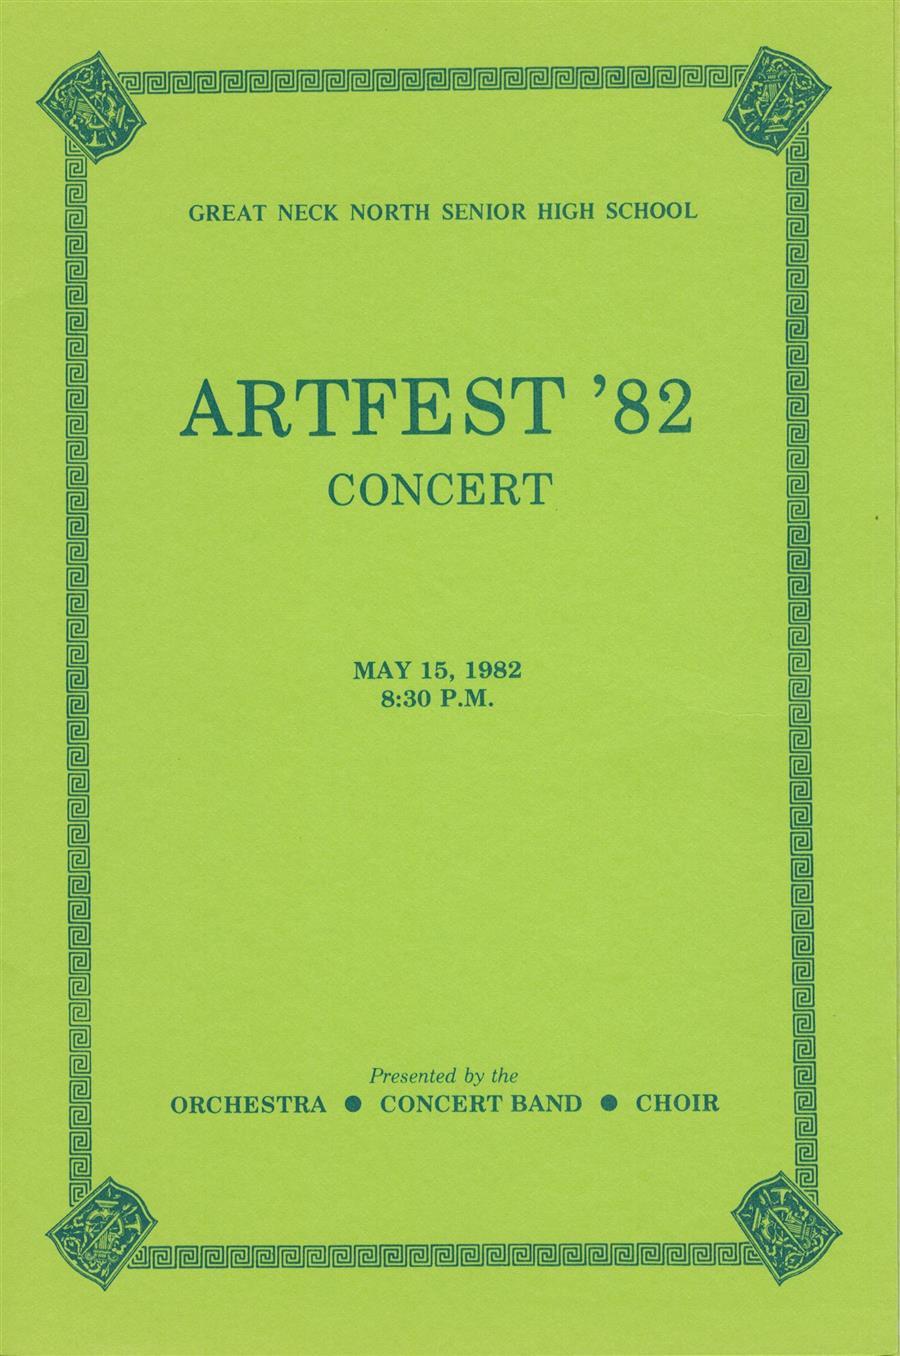 1982 Calendar Telugu.Rutkowski Joseph Concert Programs